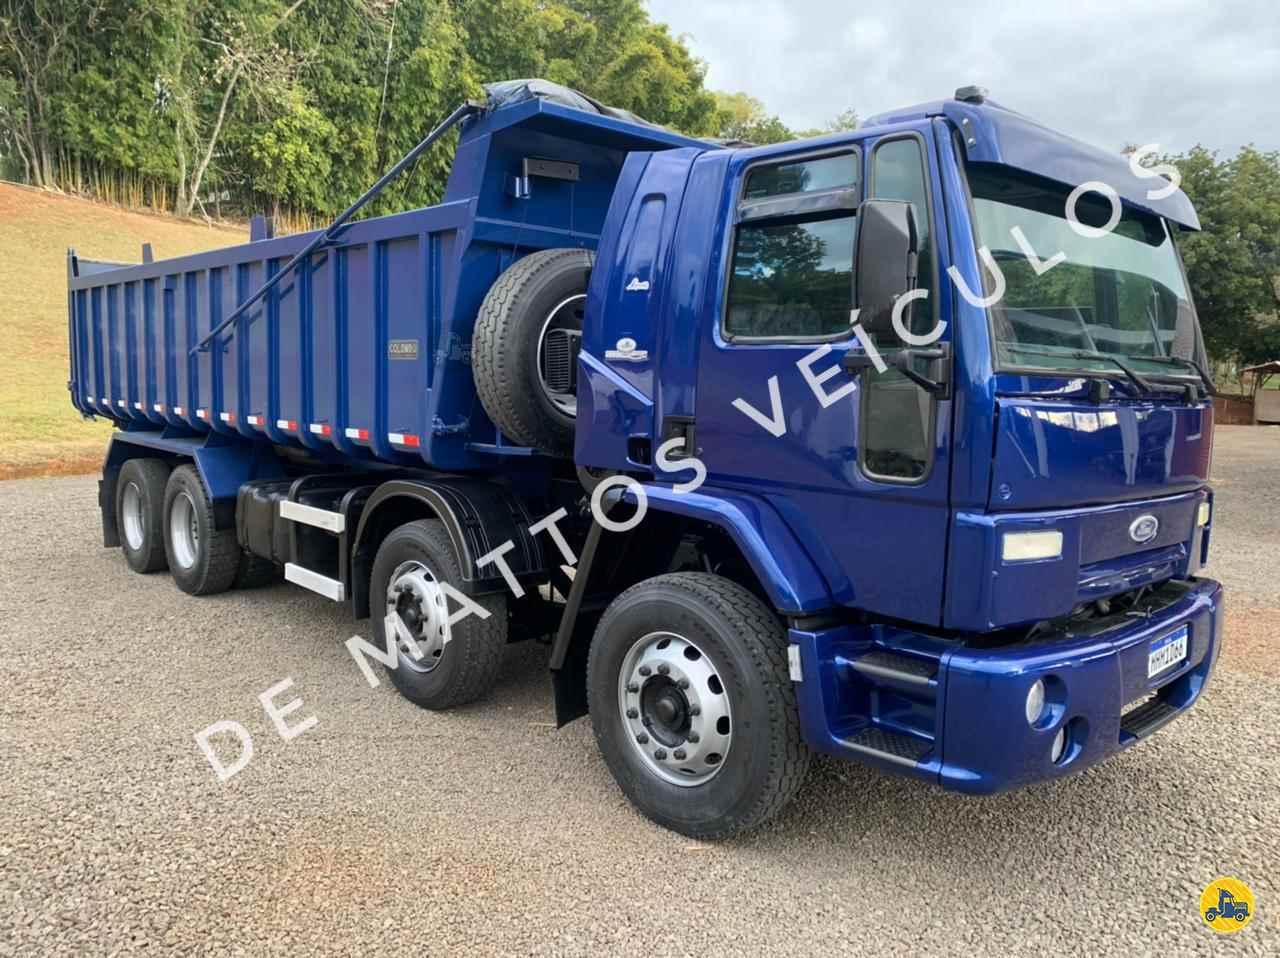 CAMINHAO FORD CARGO 2428 Caçamba Basculante BiTruck 8x2 De Mattos Veículos TUCUNDUVA RIO GRANDE DO SUL RS